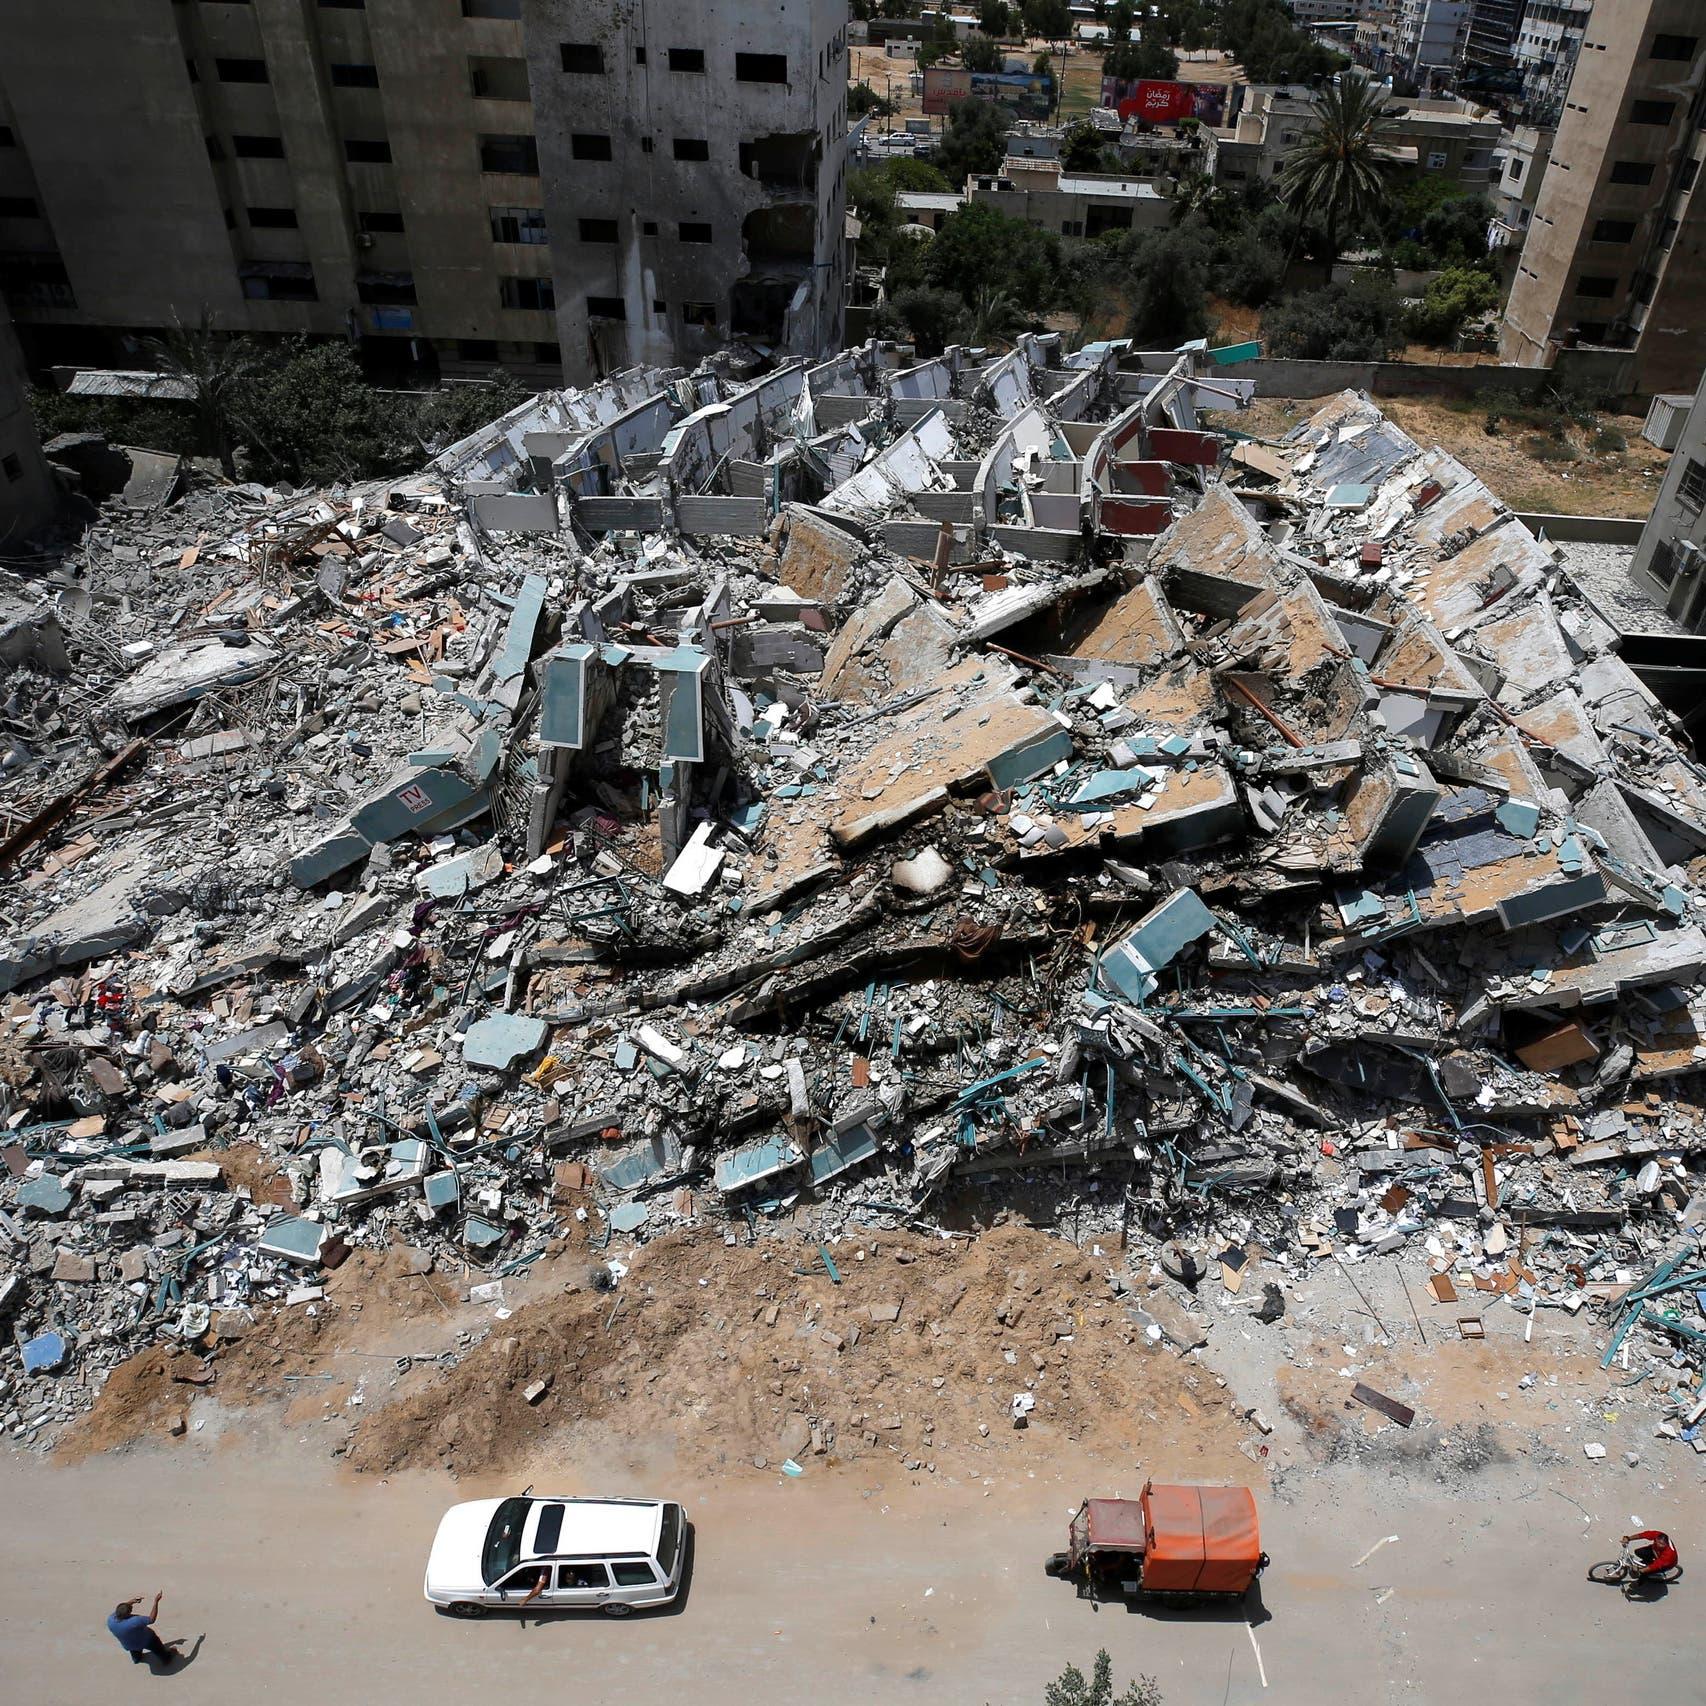 بالأرقام.. هذه حصيلة الدمار من البشر والحجر في حرب إسرائيل وغزة